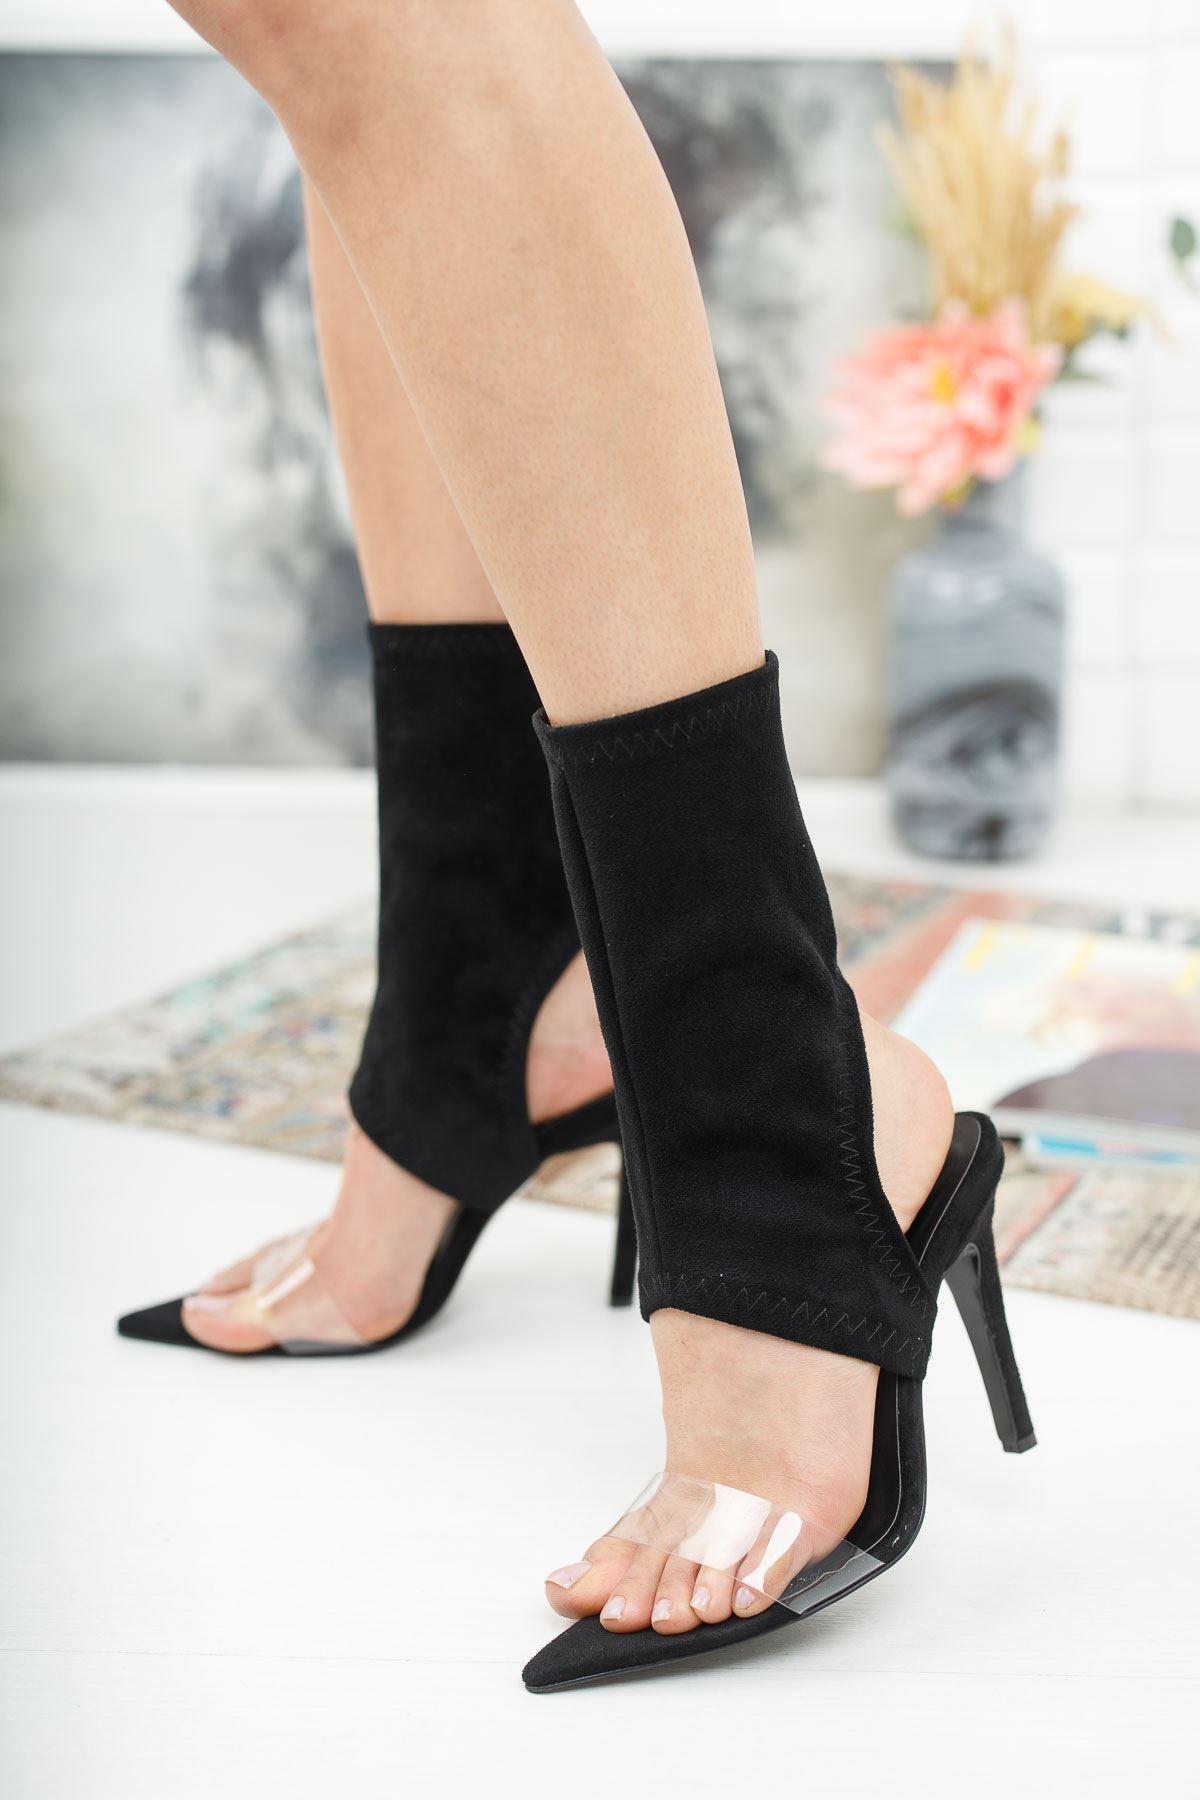 Torah Siyah Süet Topuklu Ayakkabı